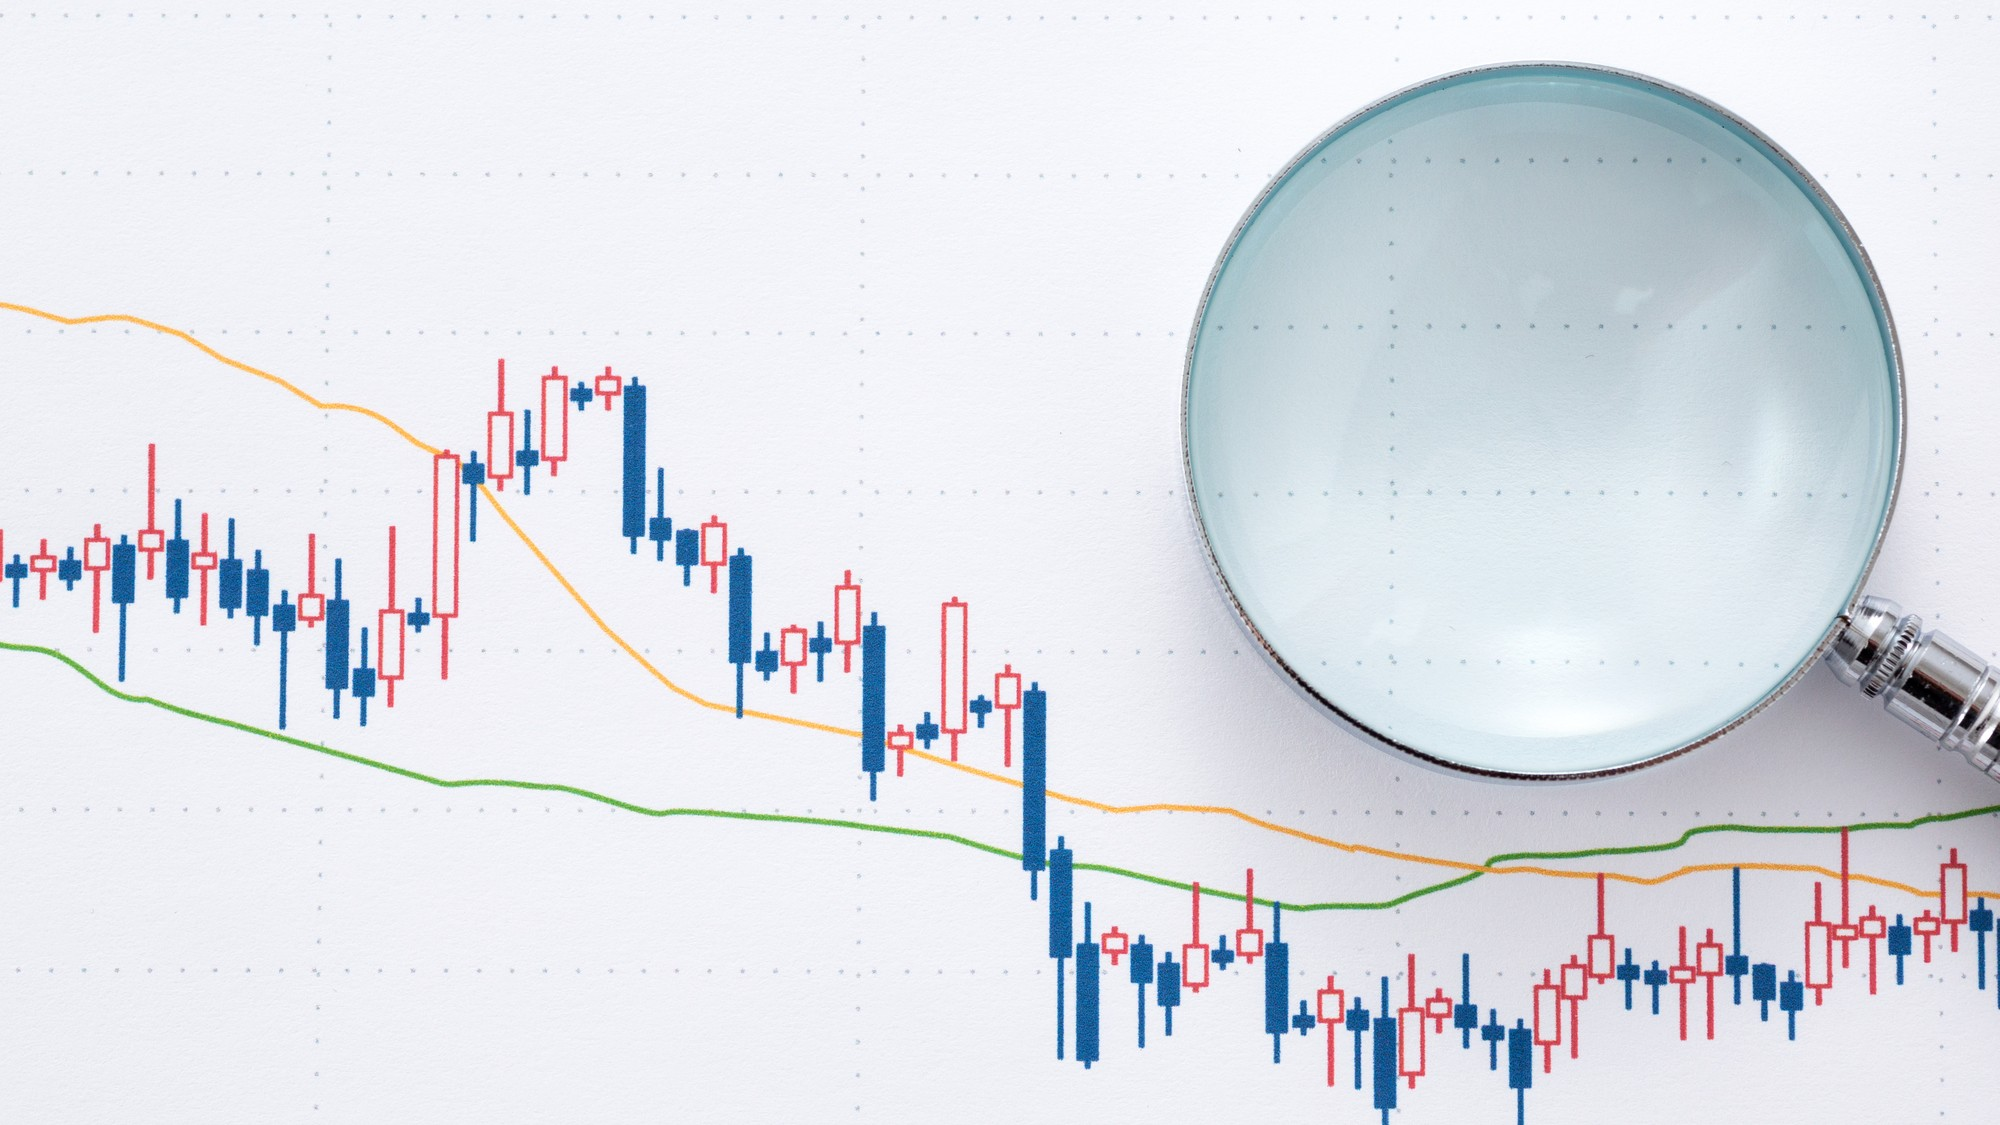 勝負は午前9時からの10分間…リスクを抑えた株トレードとは?